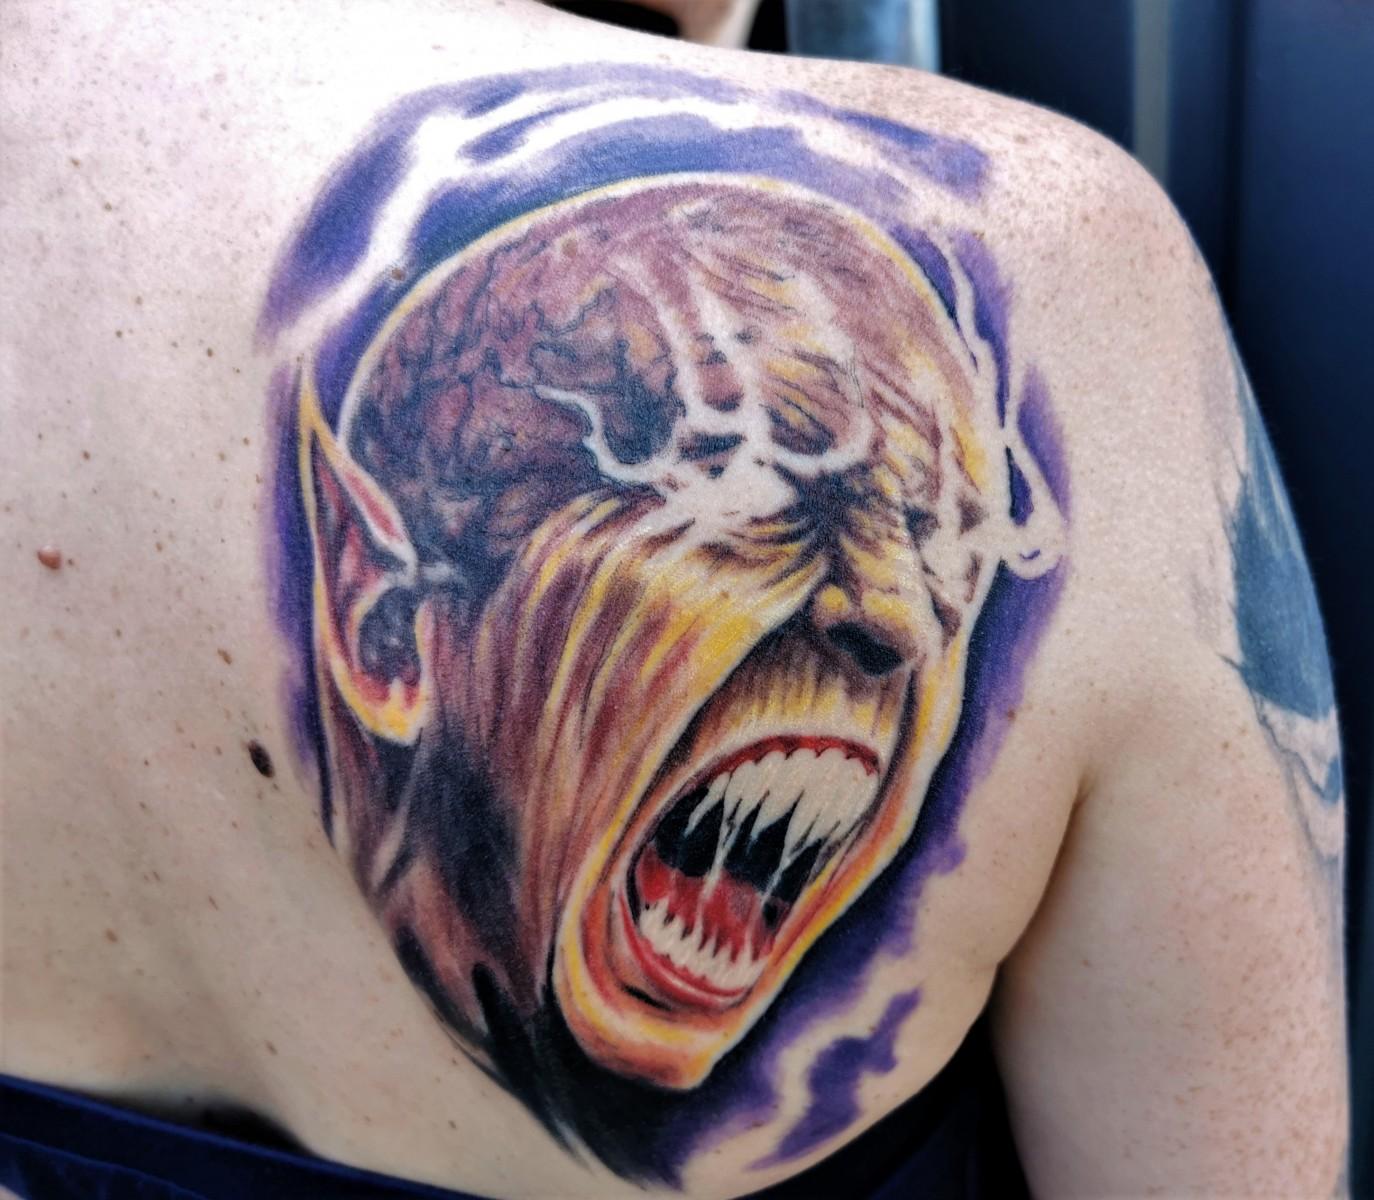 Devin Townsend als Dämon - Verheilt